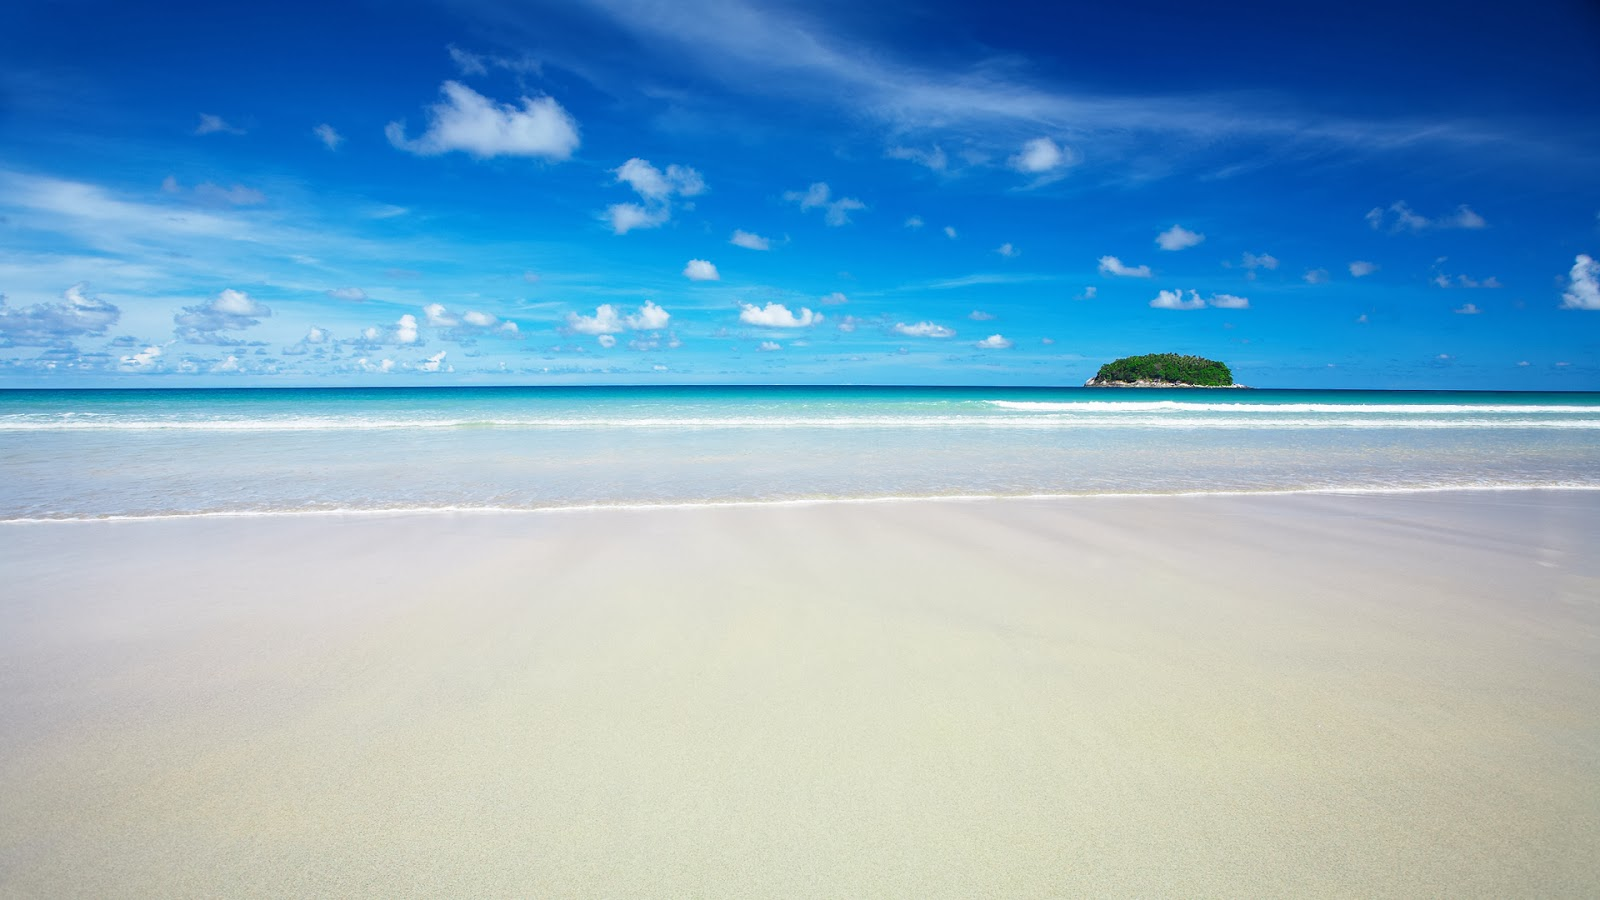 paisagem-praia.jpg